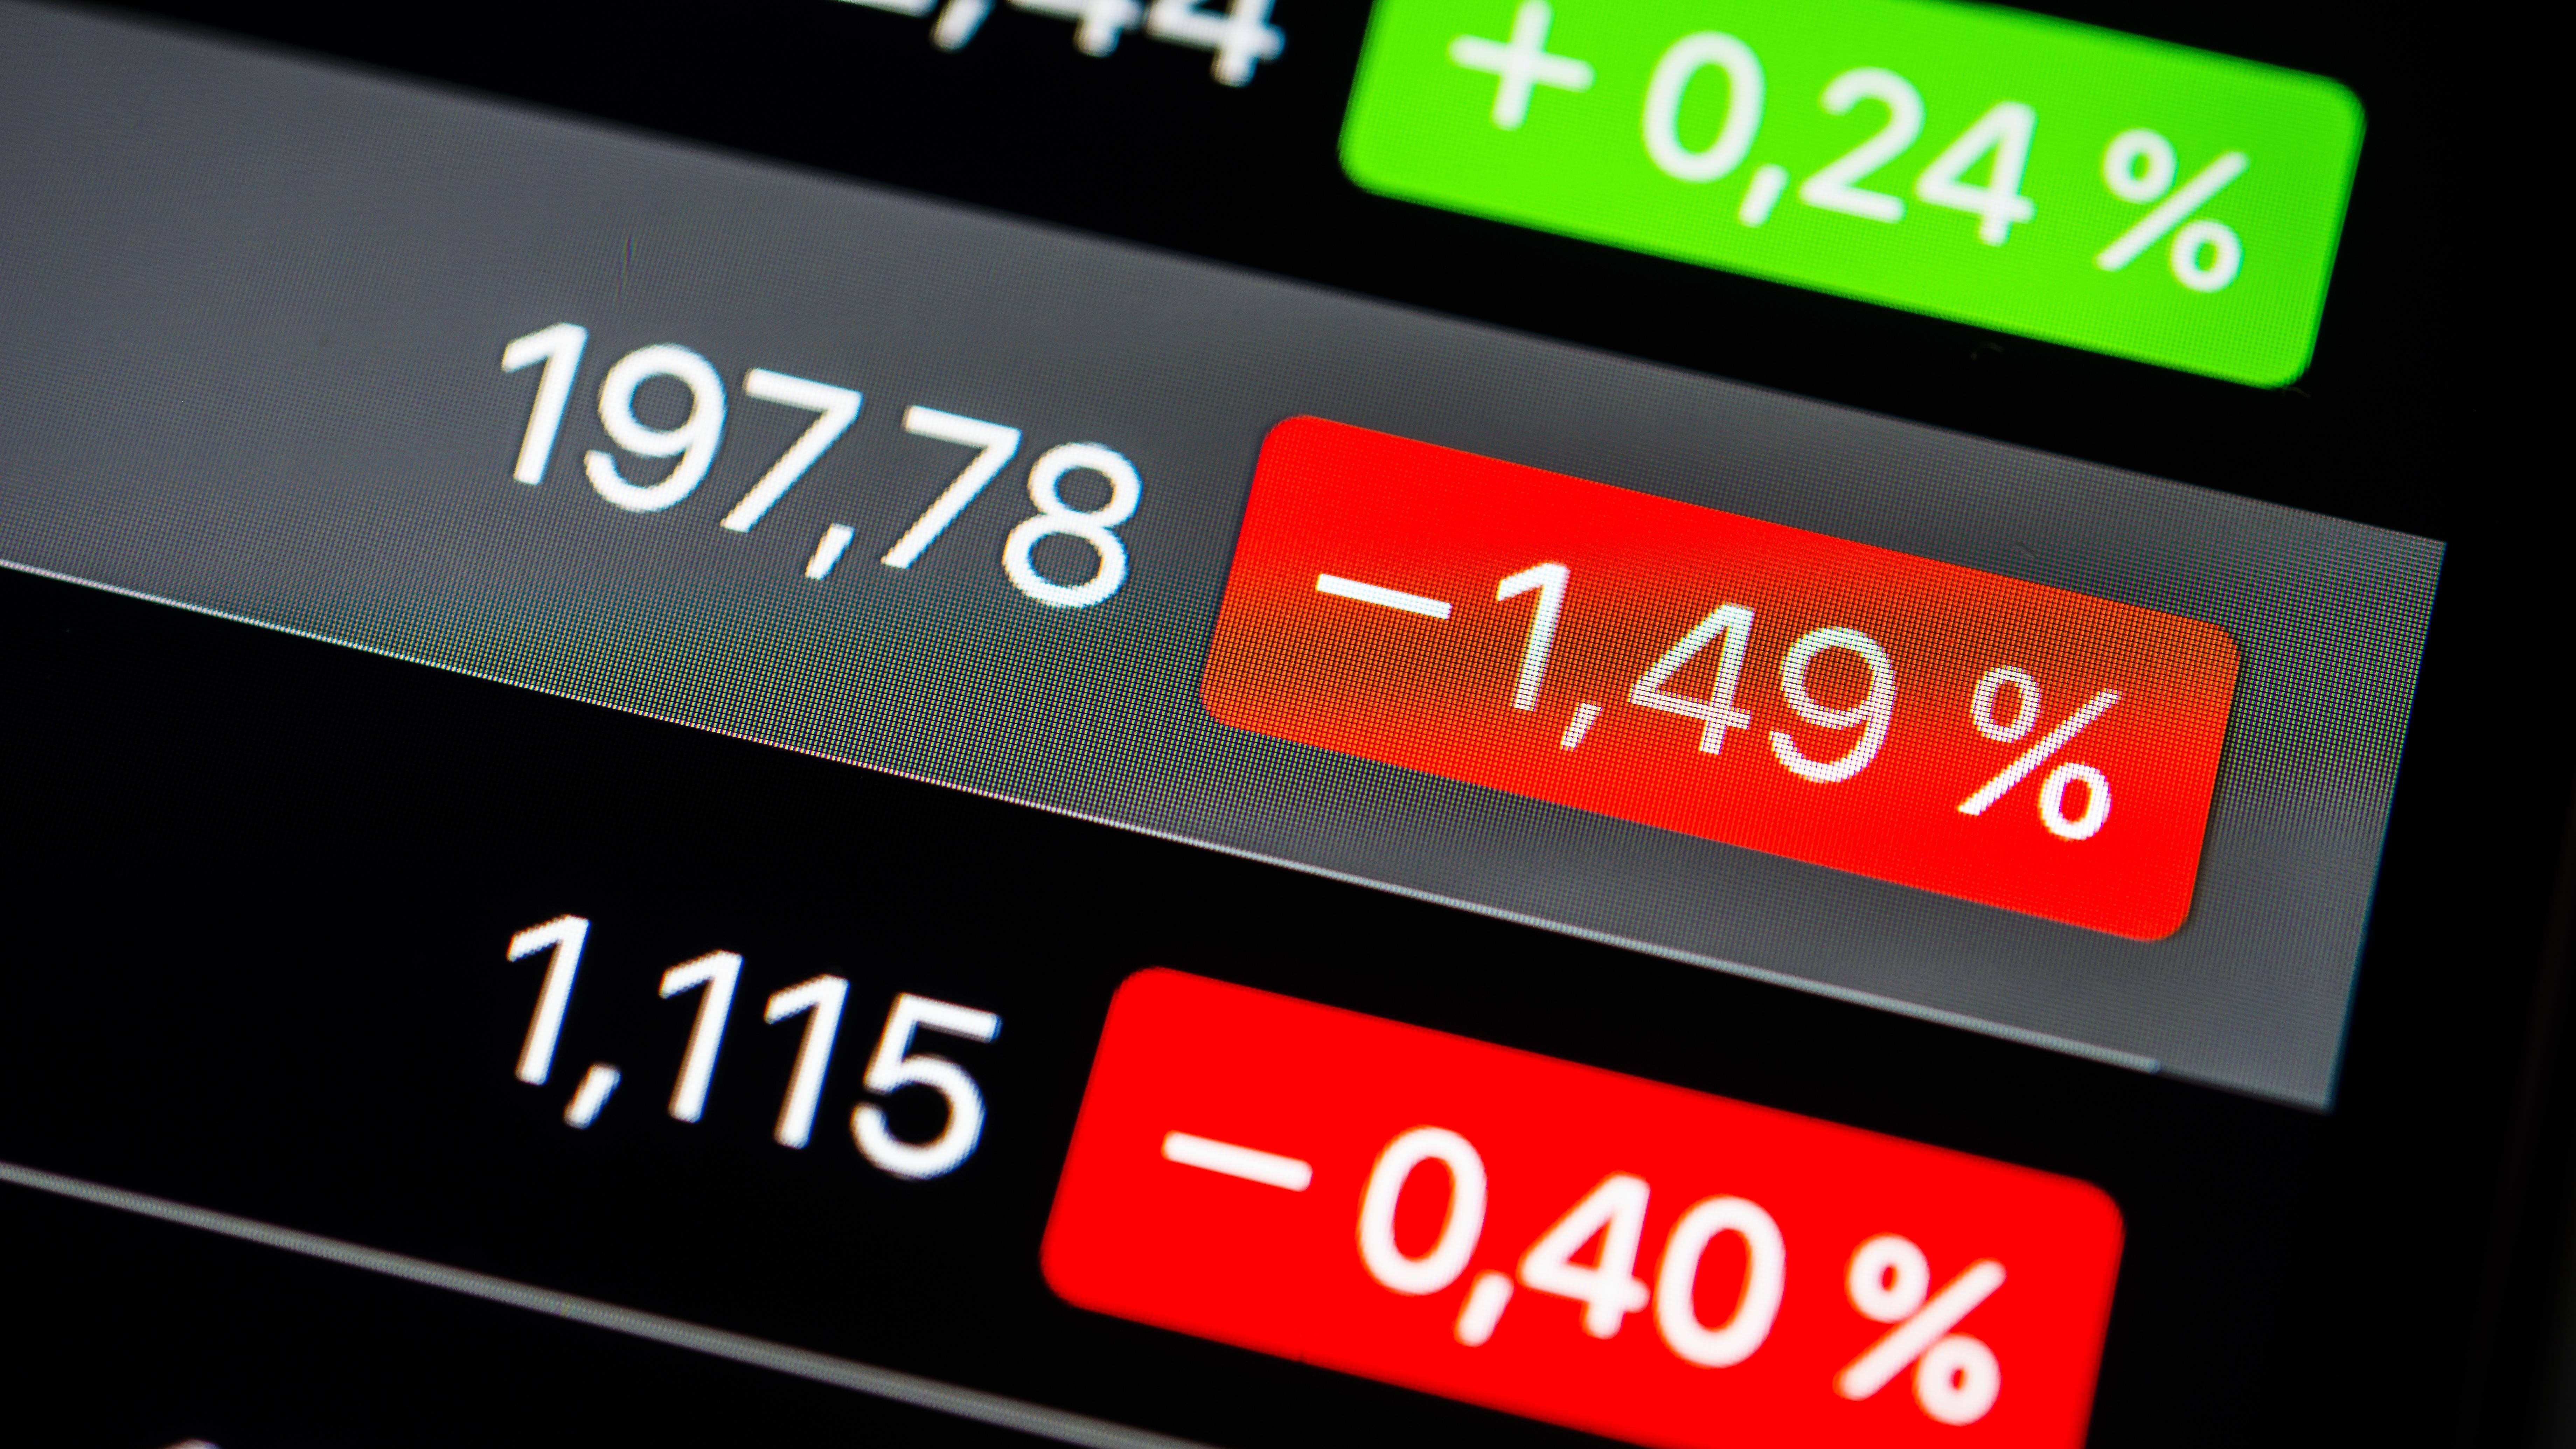 Bärenfalle: Definition des Börsenbegriffs